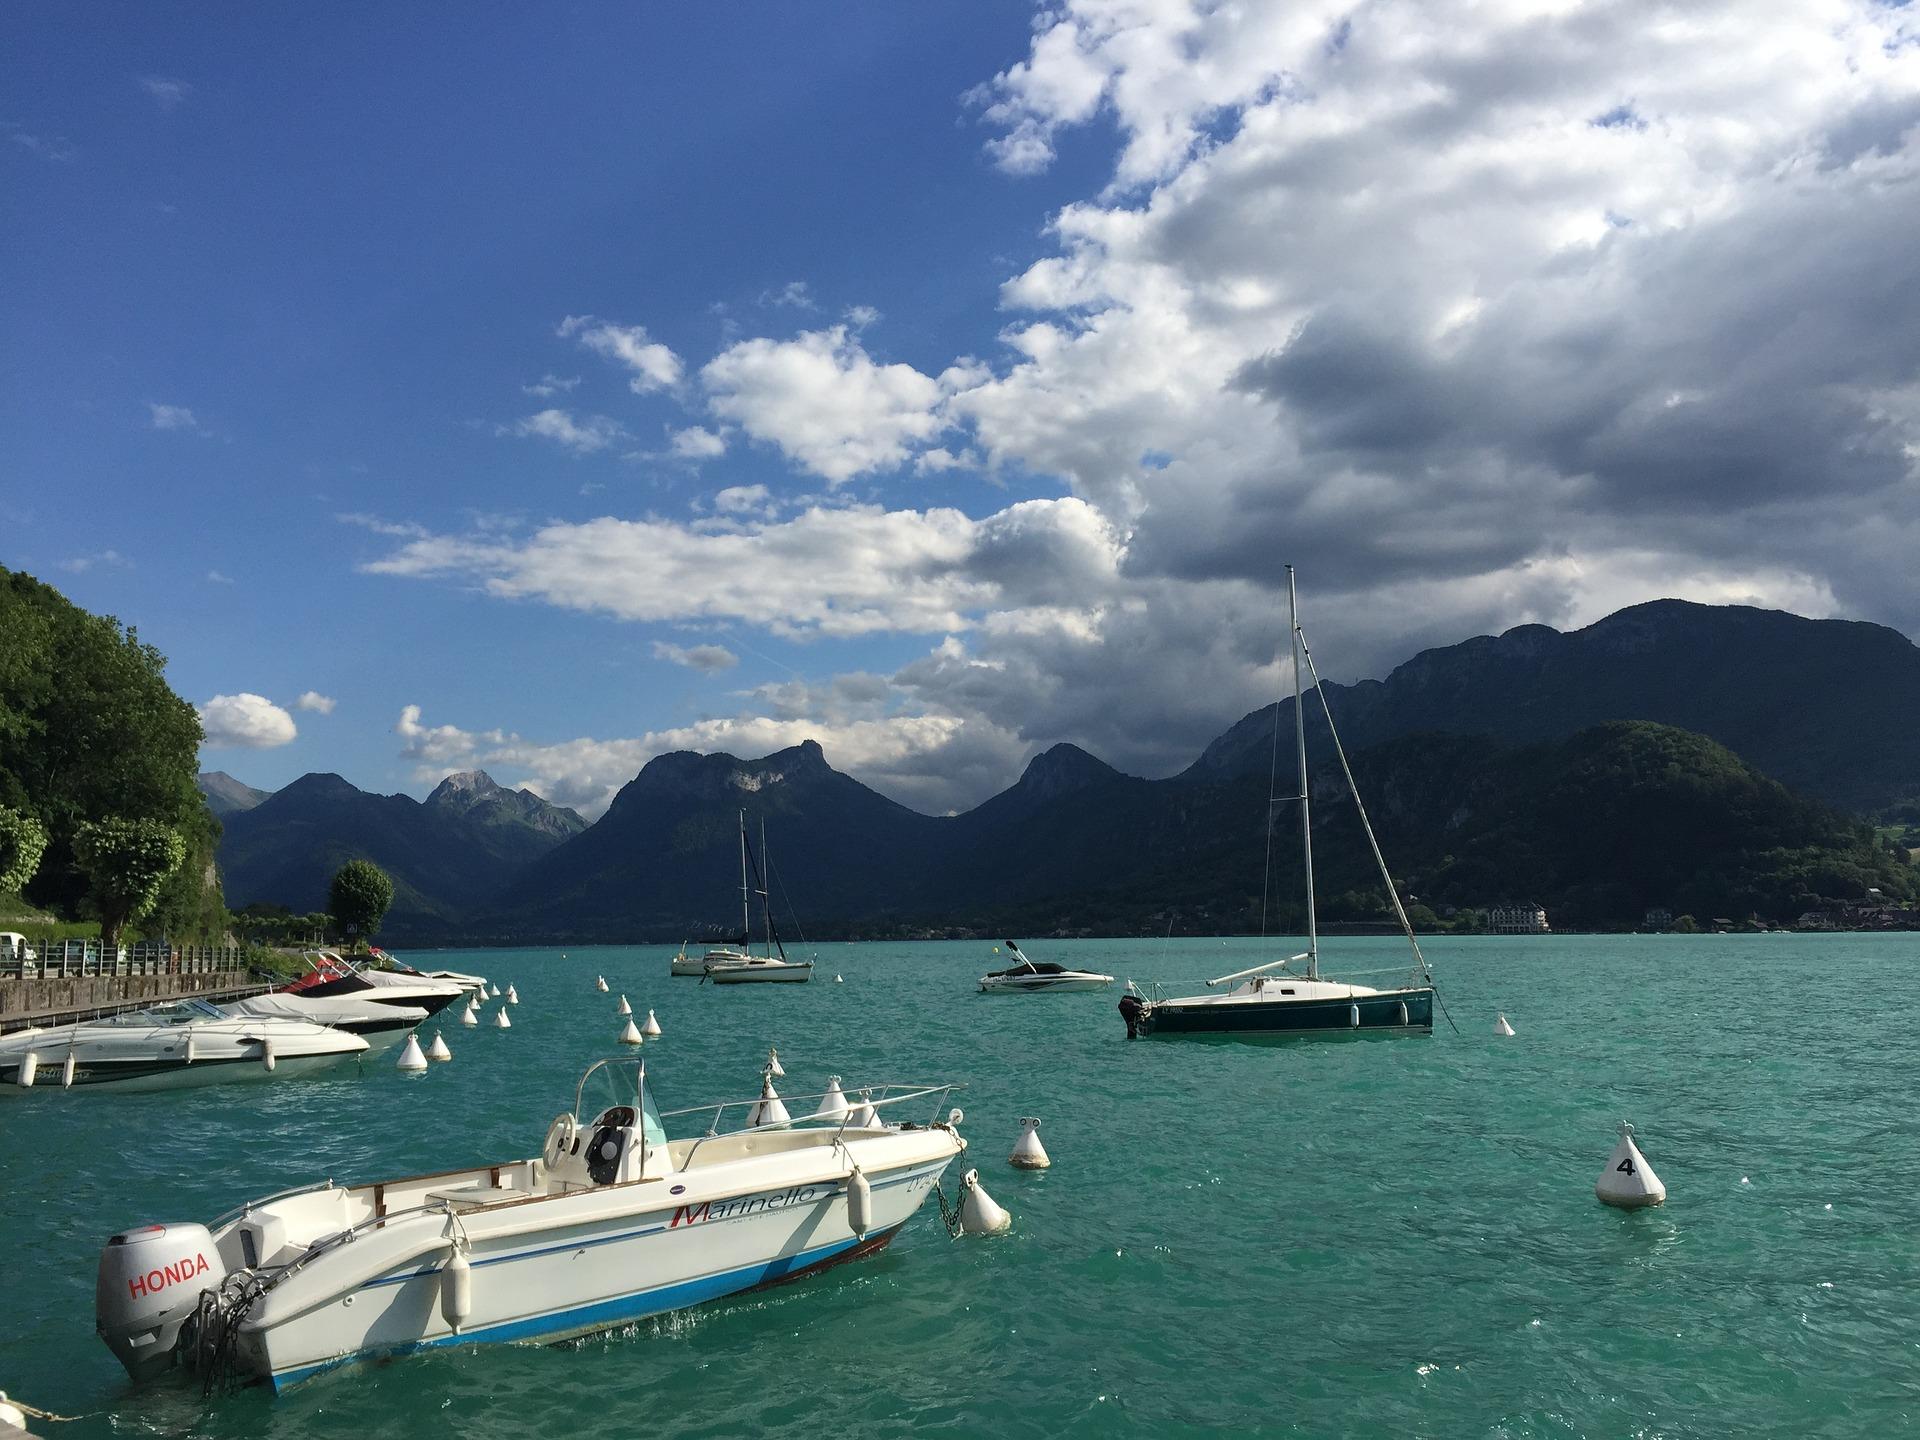 Lac_d'Annecy_CC0.jpg?1544806392